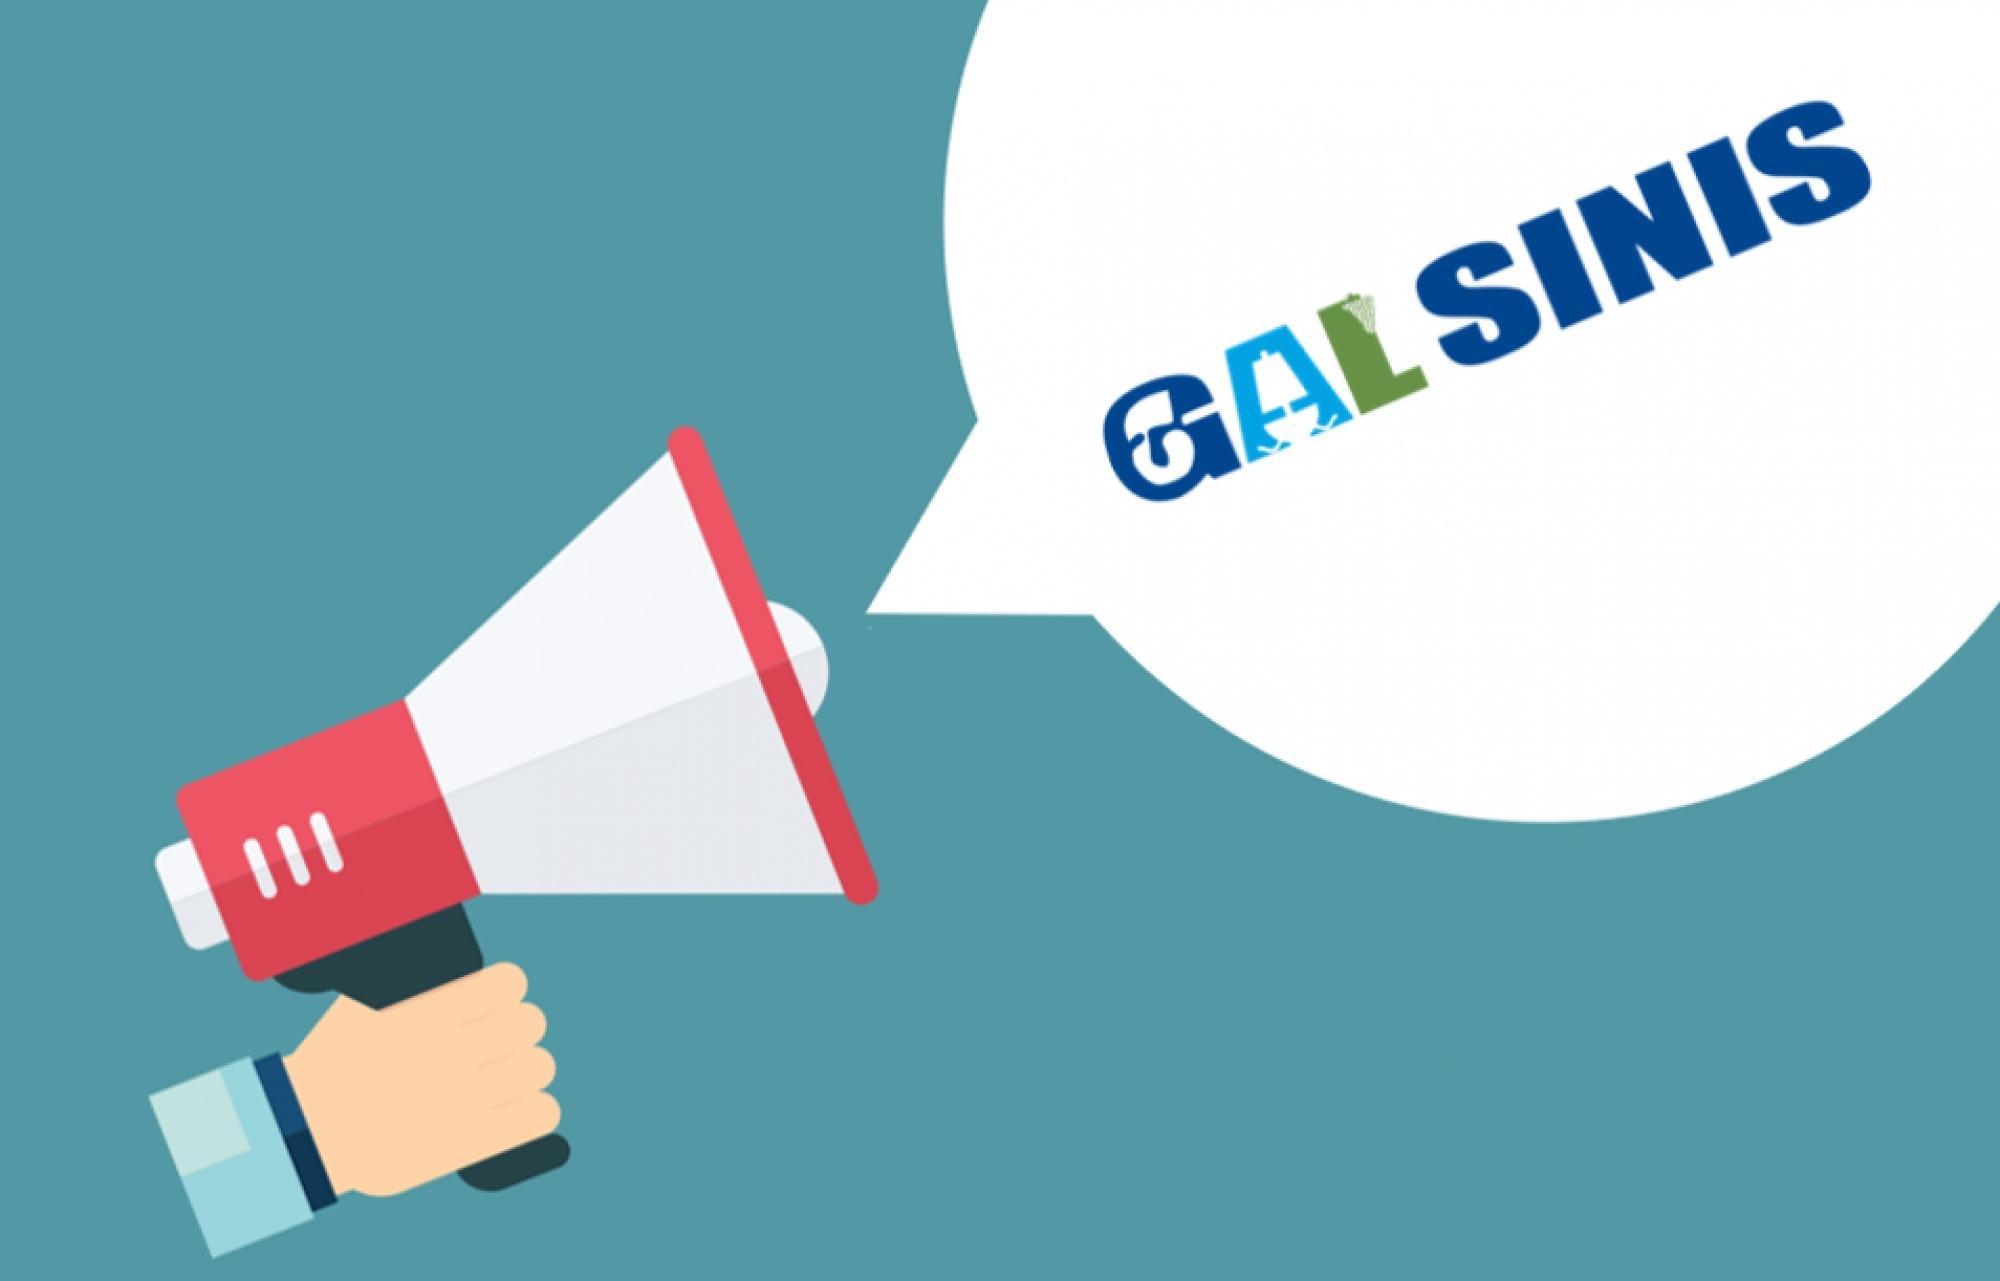 Avviso pubblico per la costituzione di una short list di consulenti, tecnici ed esperti per l'attuazione del Piano d'Azione del GAL Sinis